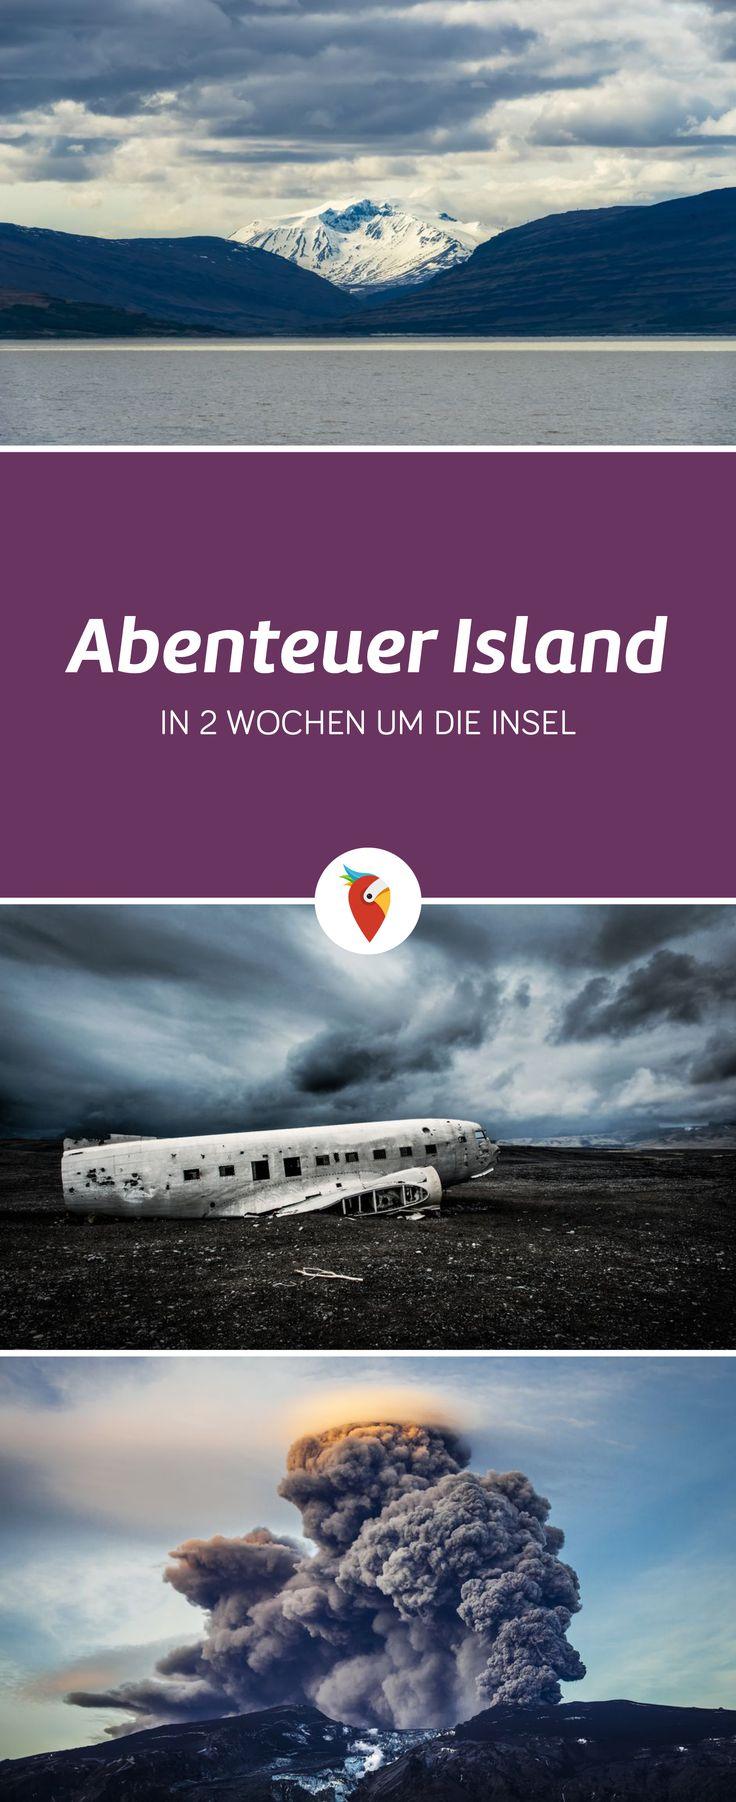 Weite, Wildnis, Wandern und viele Abenteuer kannst du auf deinem Trip nach Island erleben - alle Infos via Urlaubspiraten.de